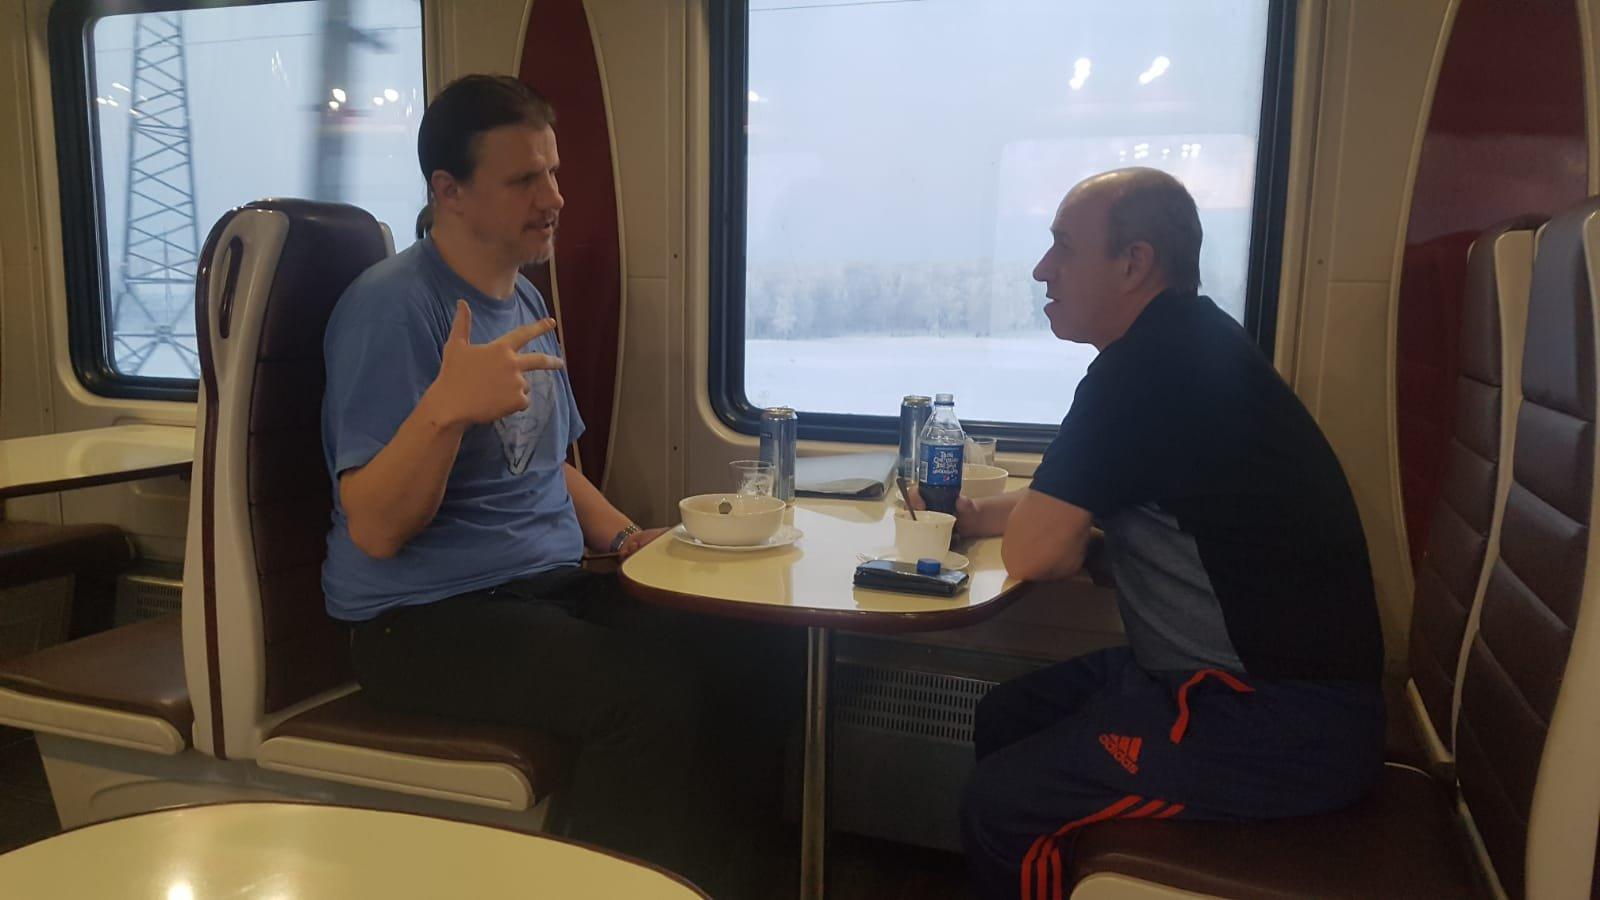 Tanssibirische Eisenbahn Speisewagen